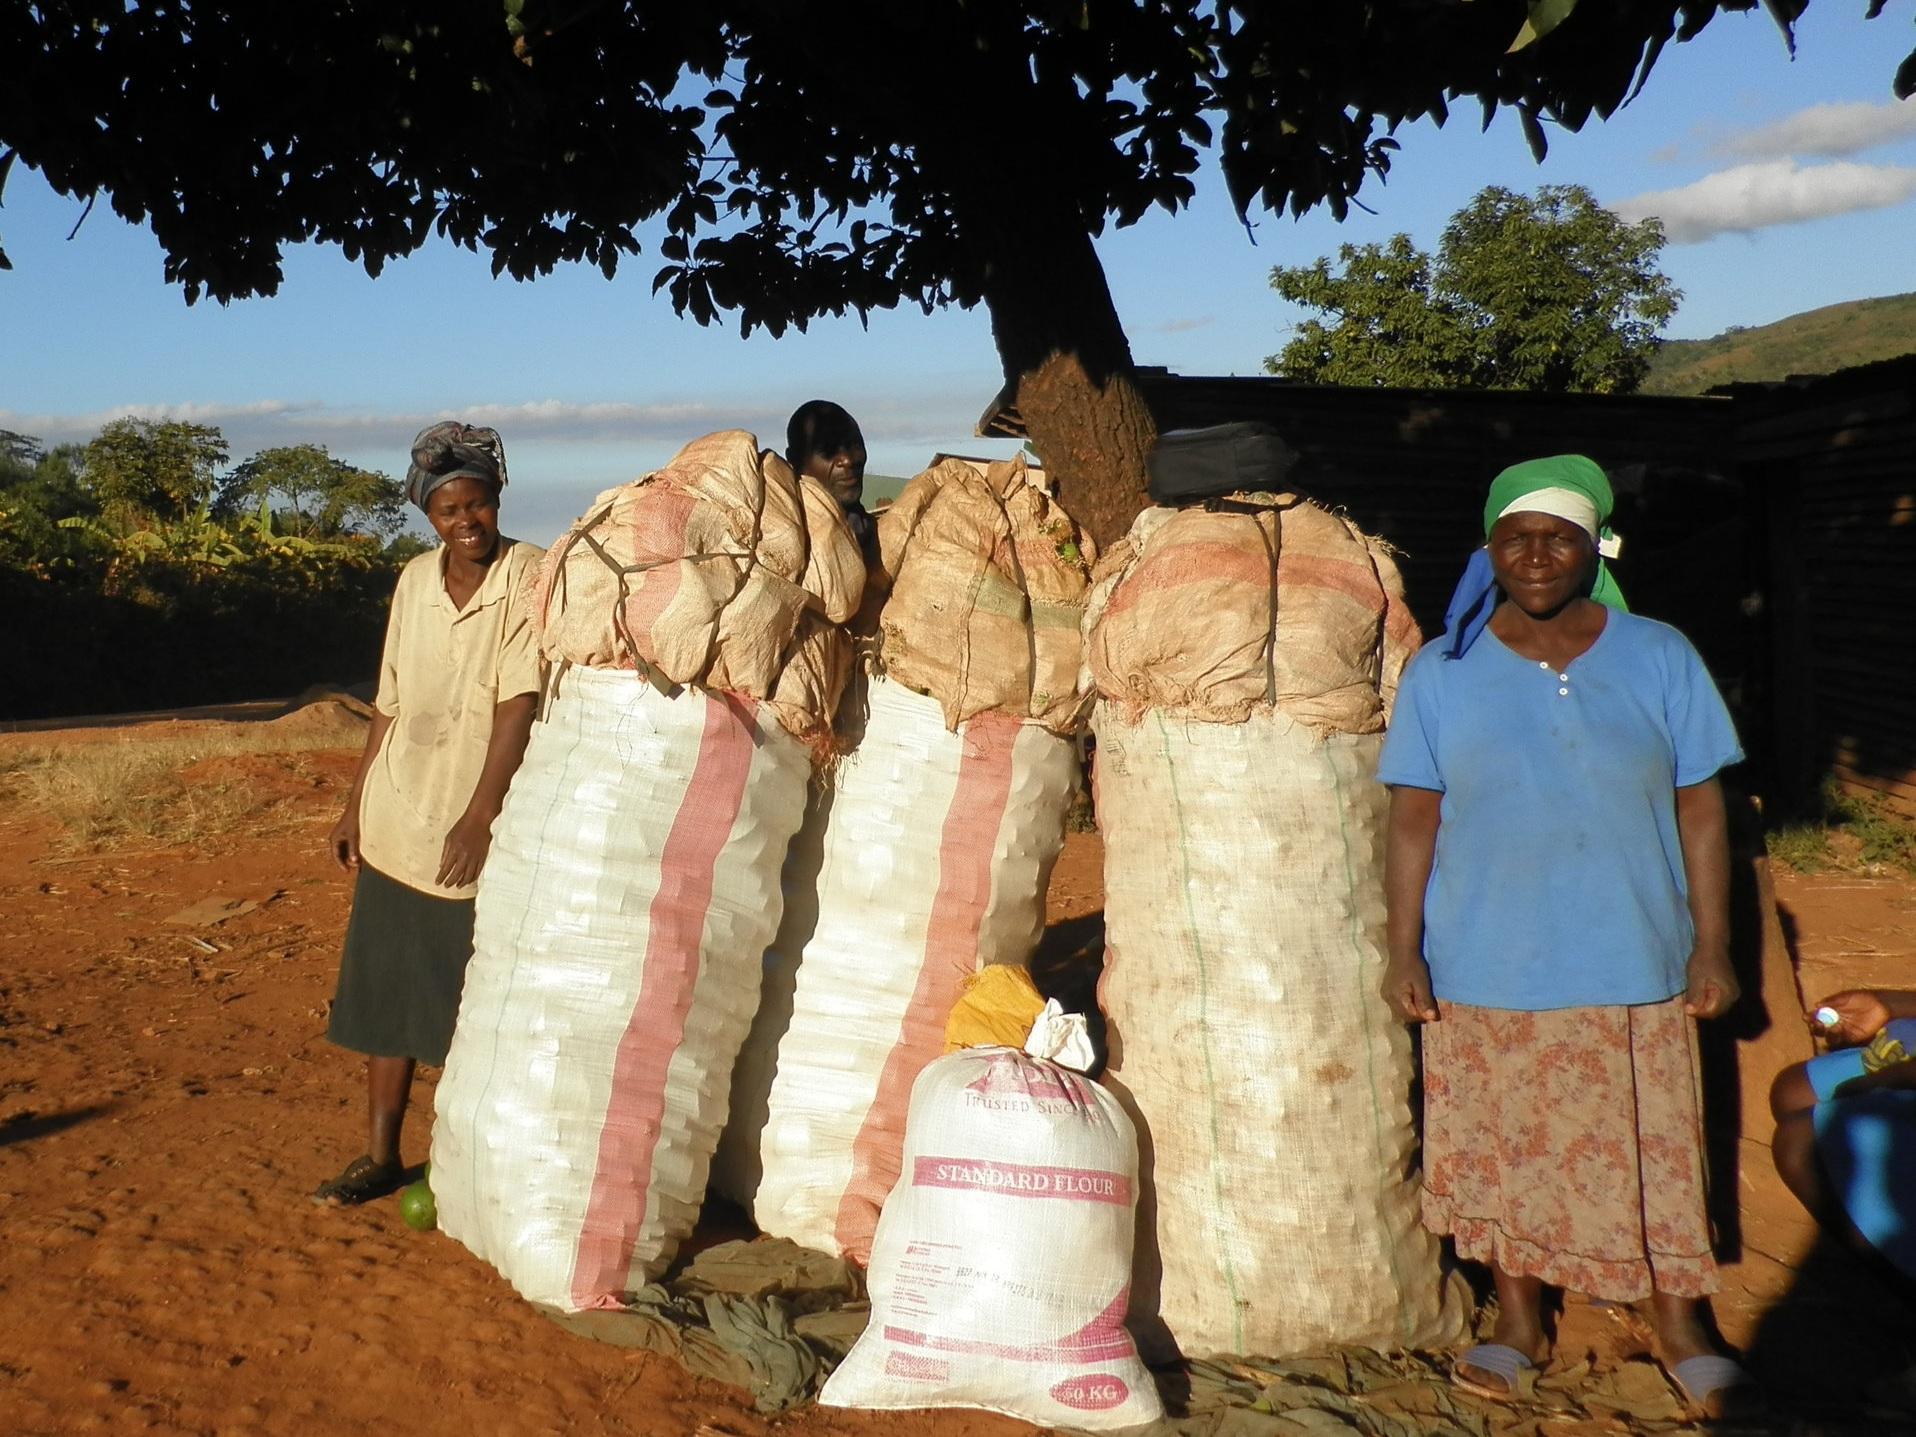 Mangwere Village Sweet Potatoes Growers in Ward 14 in Rusape